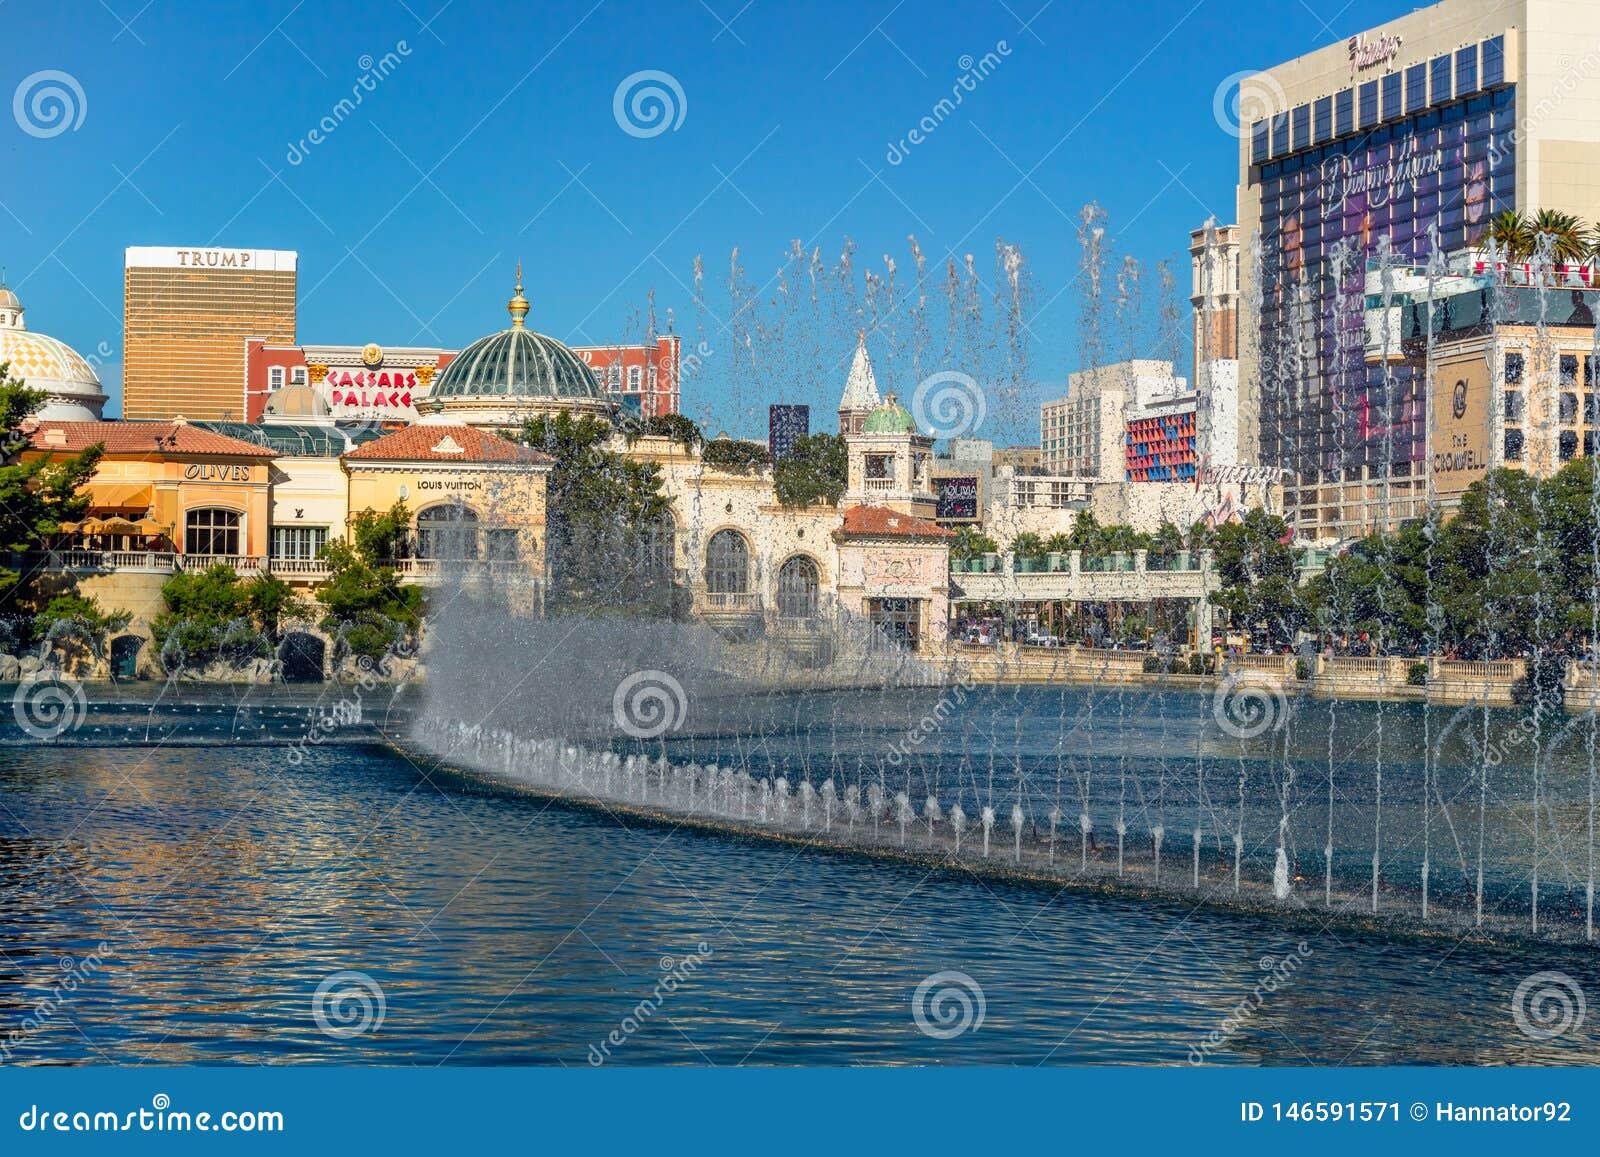 Las Vegas, Bellagio fontanna, Atutowy Międzynarodowy hotel, flaminga kasyno i hotel, i